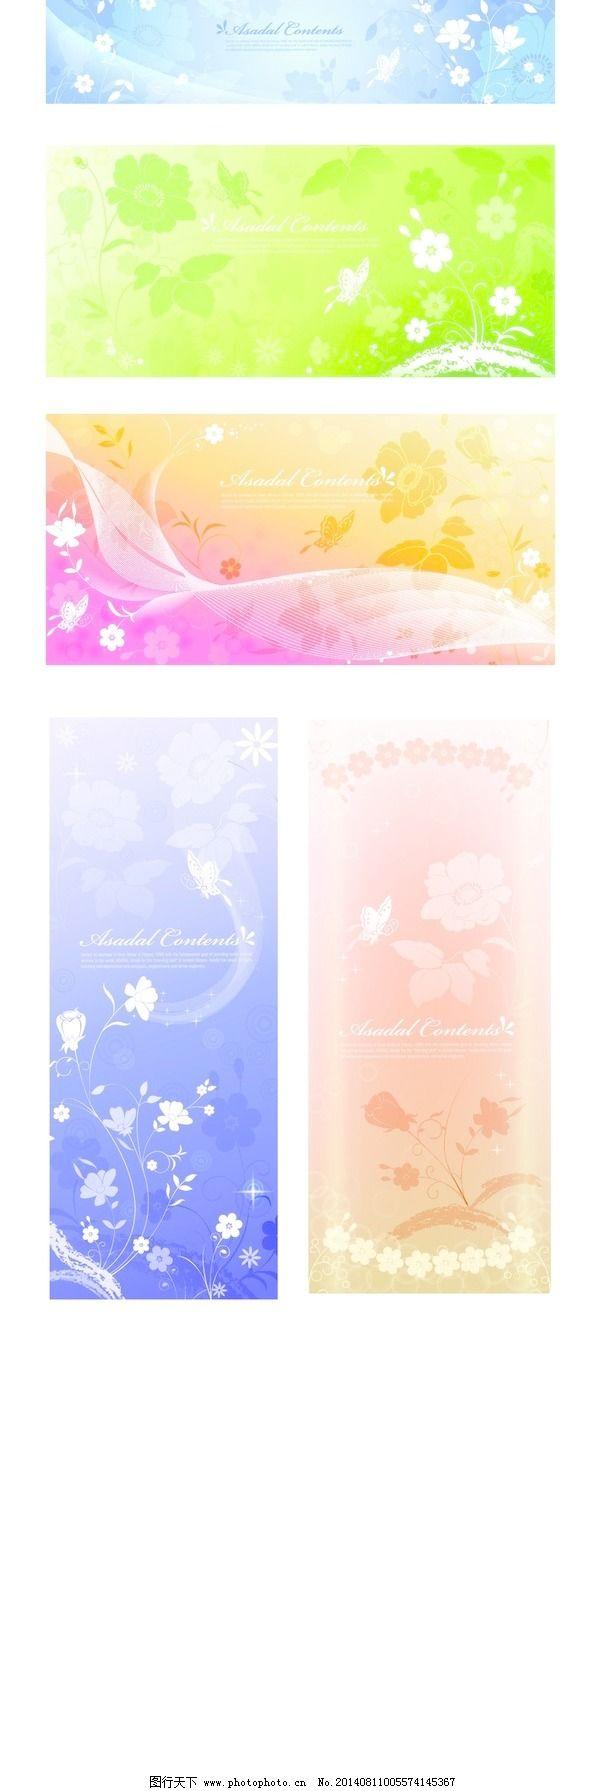 模板 墨迹 设计稿 梦幻 植物 花卉 藤蔓 叶子 蝴蝶 花朵 花纹 剪影